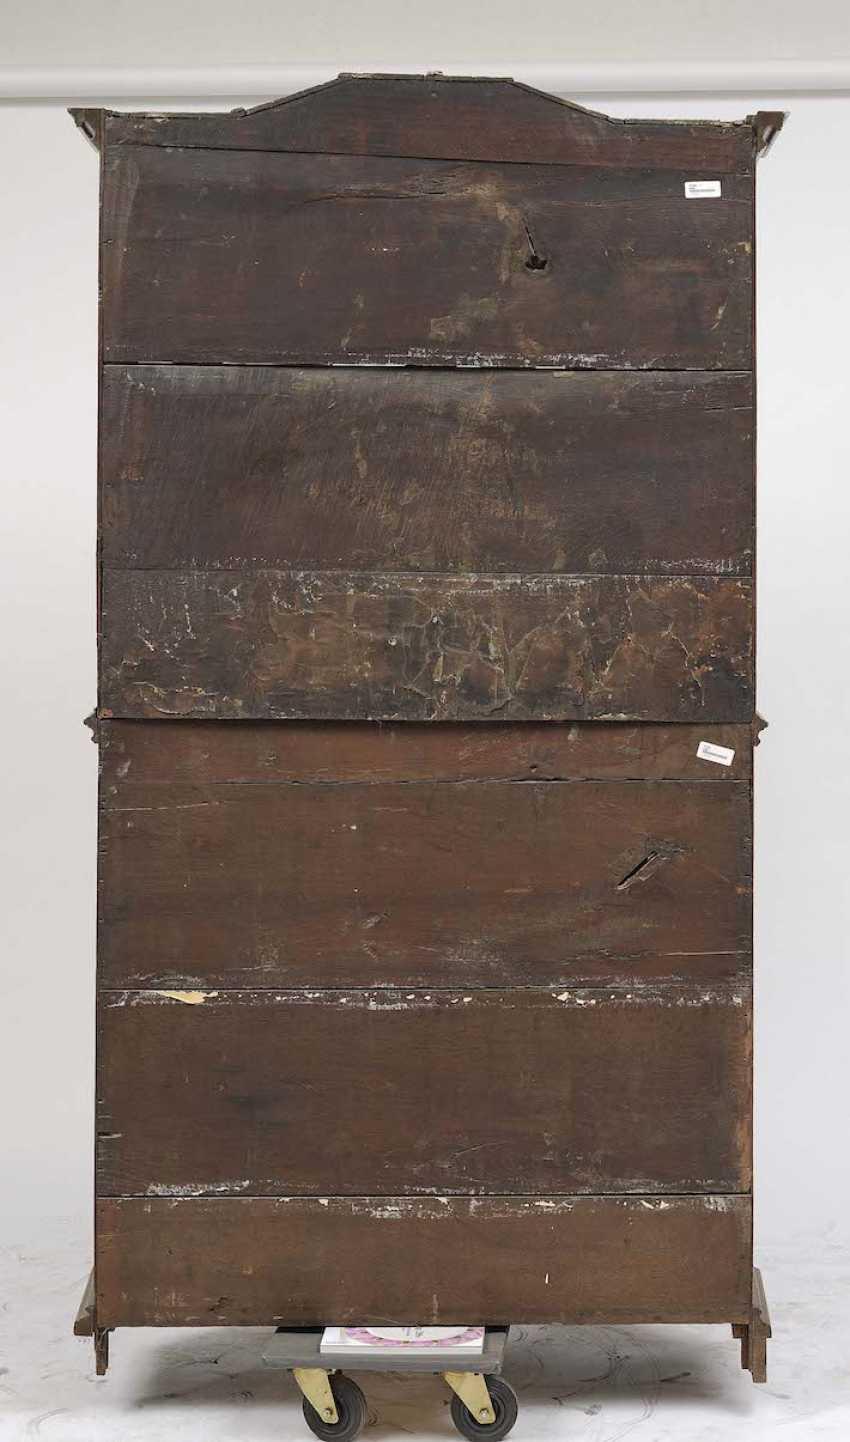 Aachen/Liege, 18. Century . Essay showcase - photo 2